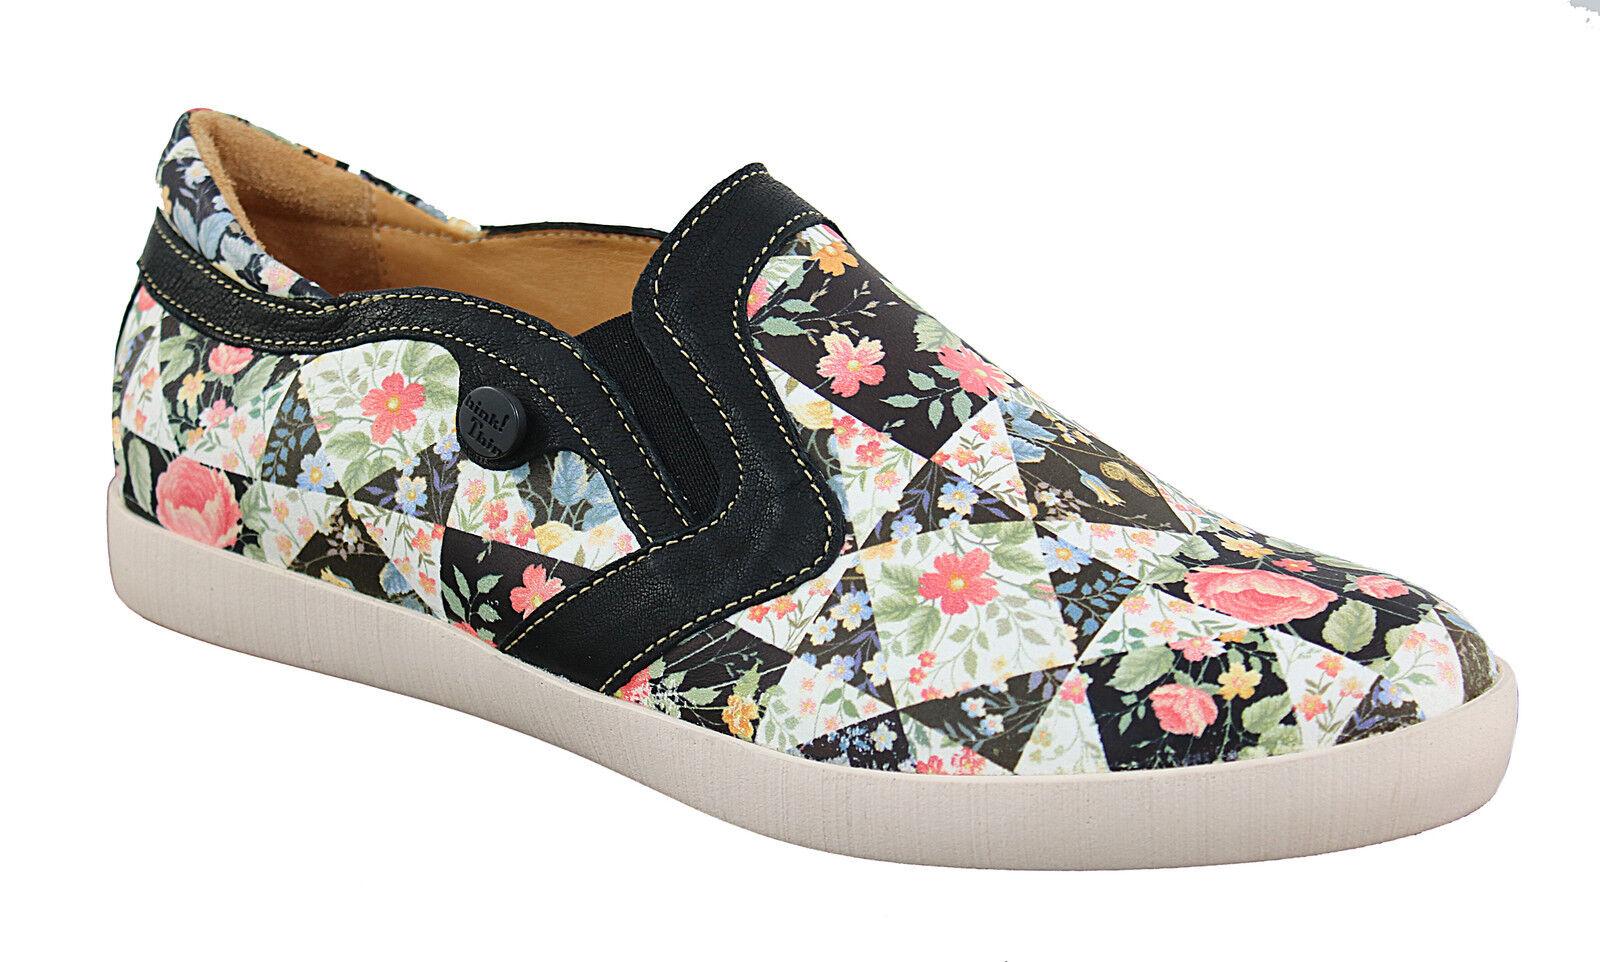 Zapatos casuales salvajes Descuento por tiempo limitado THINK! 80031 Damen Slipper Halbschuhe SEAS G05